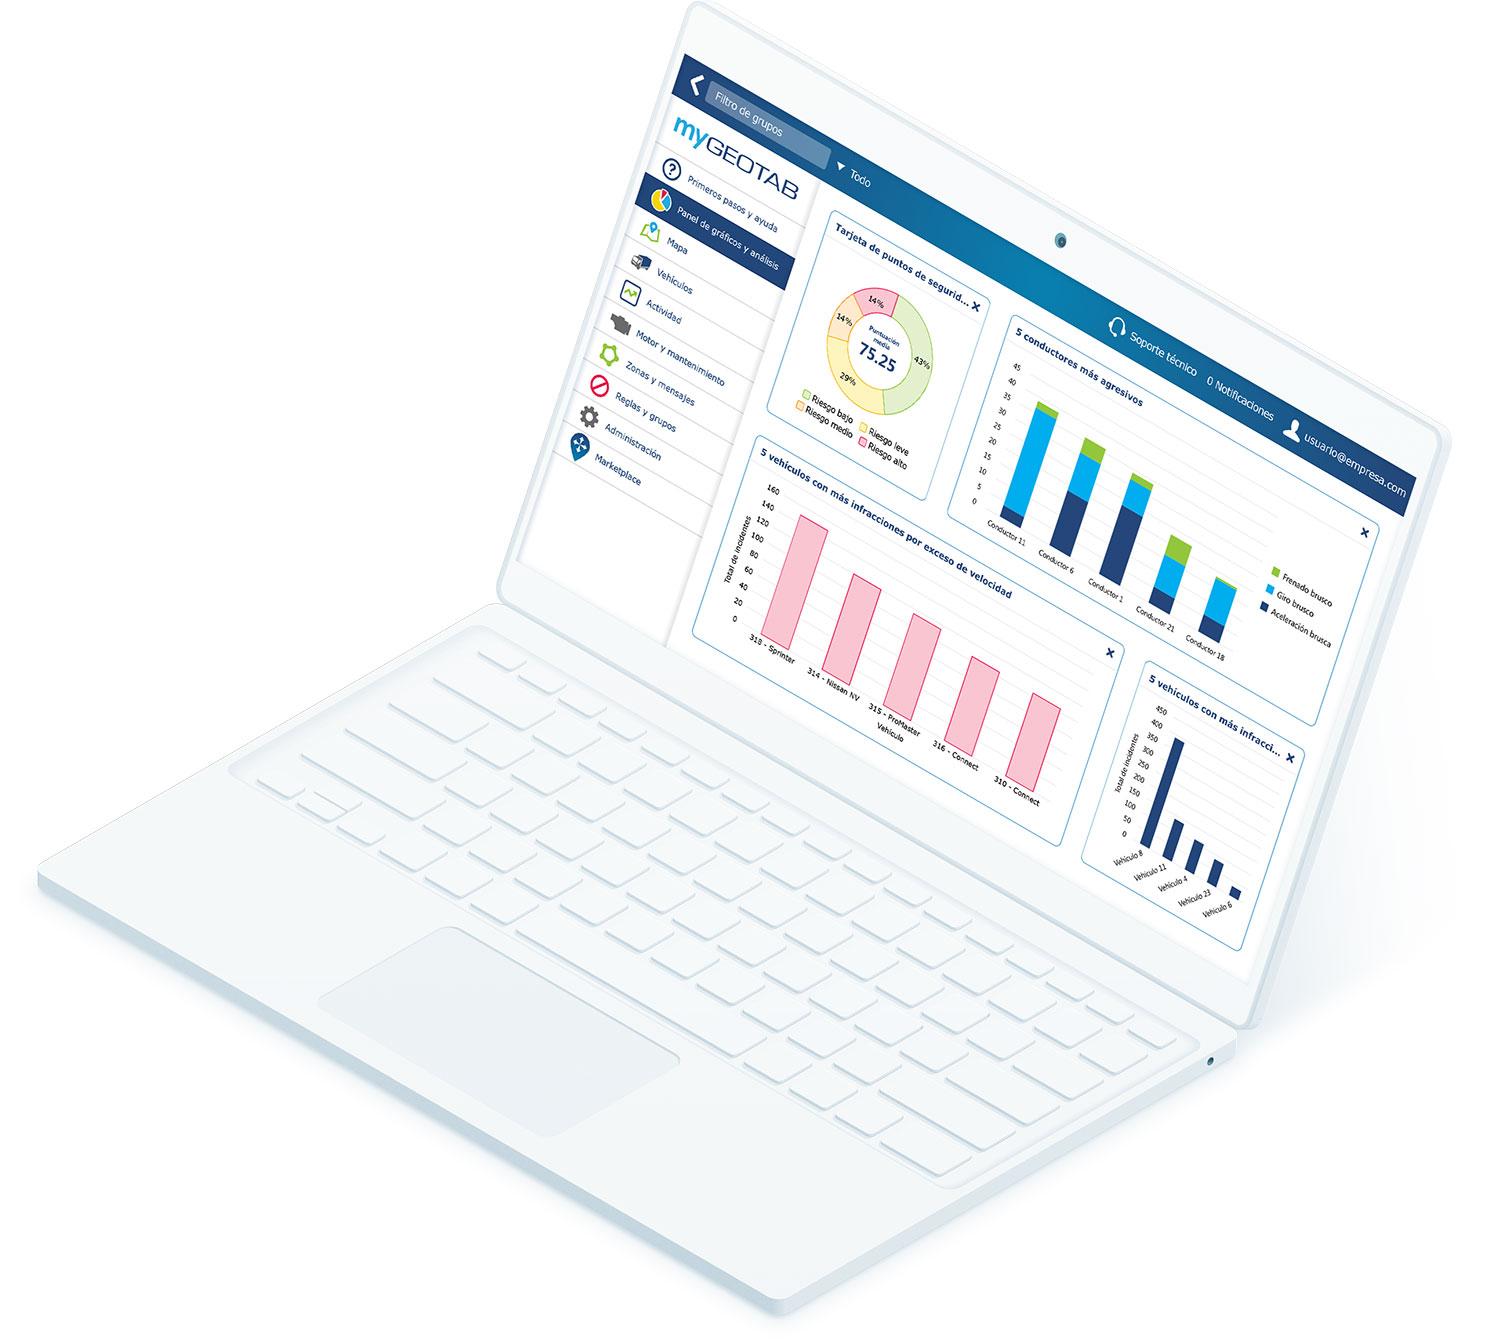 Panel de gráficos de MyGeotab en un portátil blanco